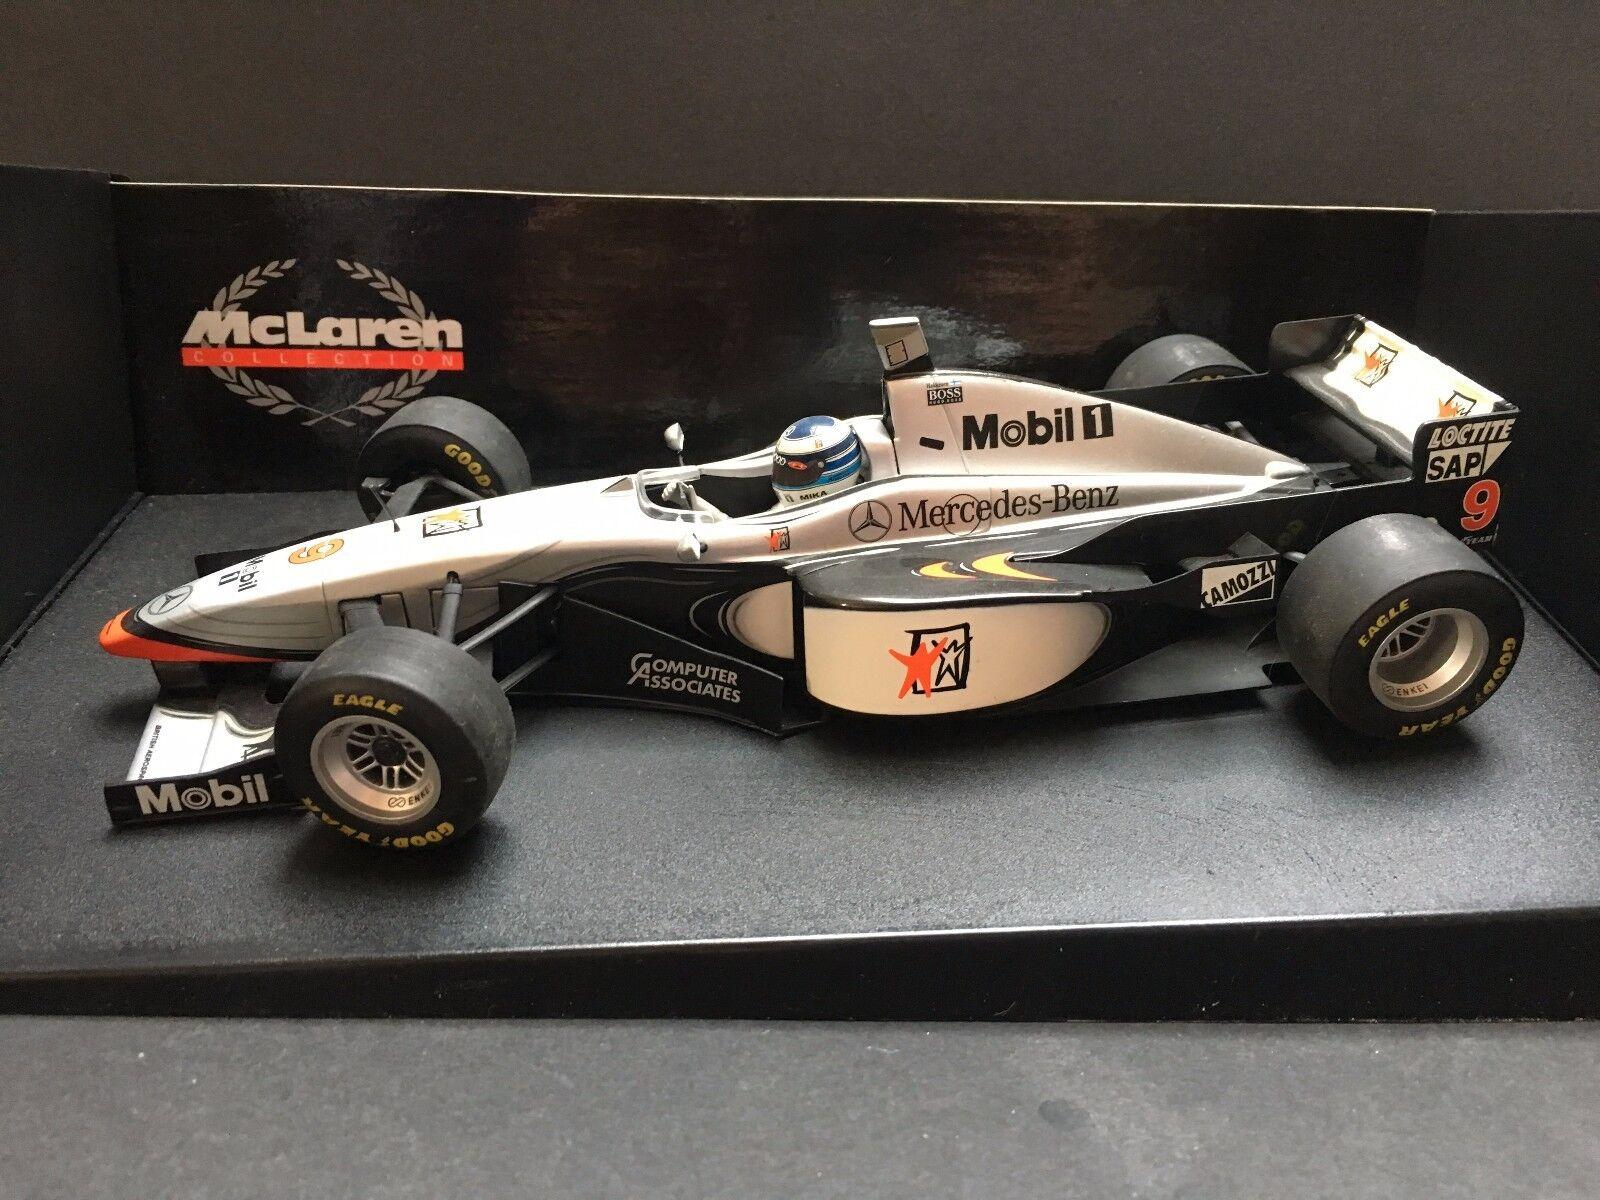 Minichamps - Mika Hakkinen - McLaren - Mp4 12 - 1997 -1 18 - Rare